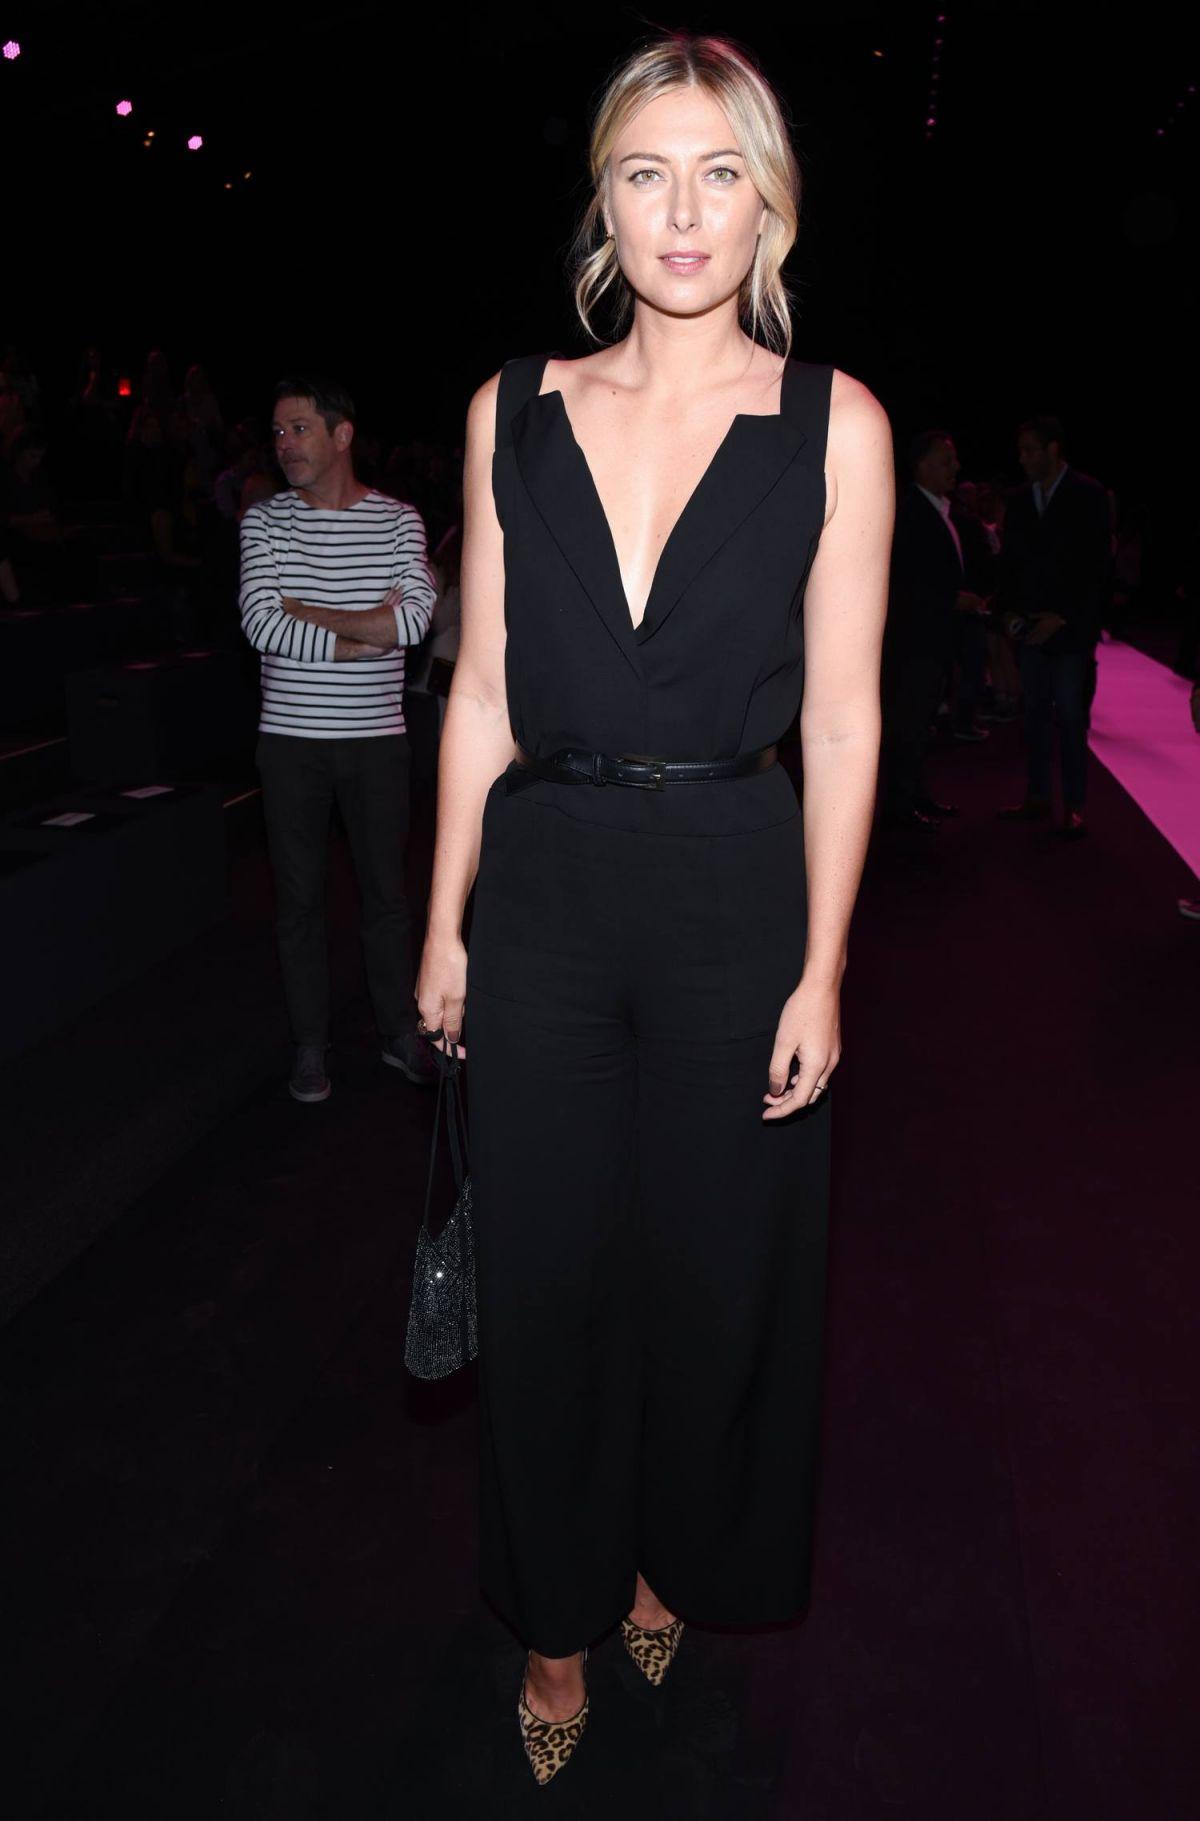 MARIA SHARAPOVA at Vera Wang Fashio Show at New York Fashion Week 09/13/2016